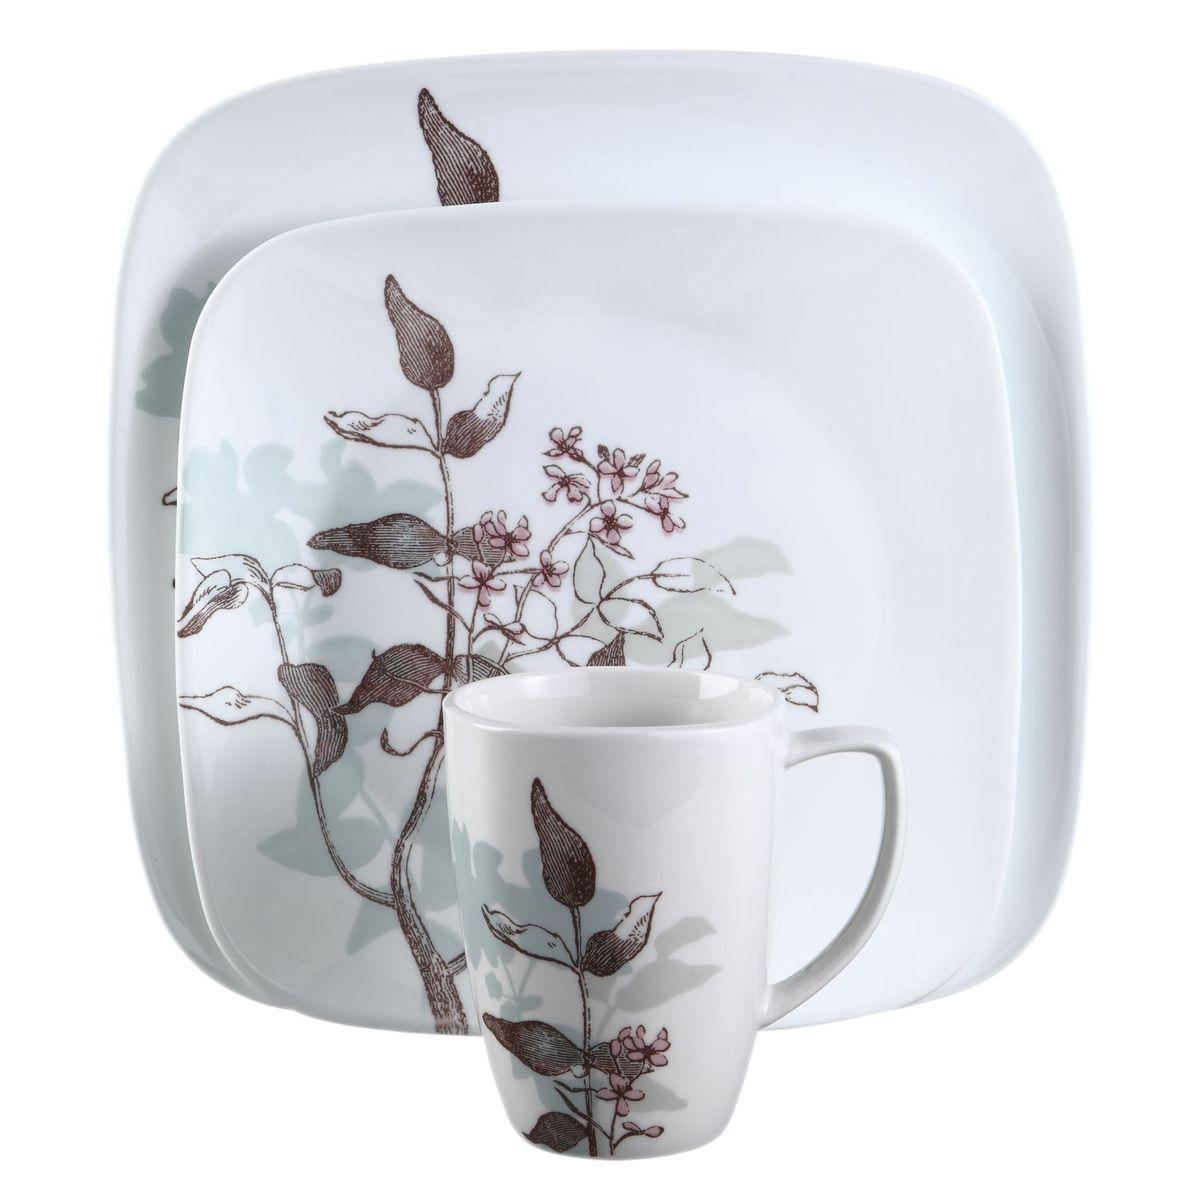 Набор посуды Twilight Grove 16пр, цвет: белый с рисункомFS-91909Преимуществами посуды Corelle являются долговечность, красота и безопасность в использовании. Вся посуда Corelle изготавливается из высококачественного ударопрочного трехслойного стекла Vitrelle и украшена деколями американских и европейских дизайнеров. Рисунки не стираются и не царапаются, не теряют свою яркость на протяжении многих лет. Посуда Corelle не впитывает запахов и очень долгое время выглядит как новая. Уникальная эмаль, используемая во время декорирования, фактически становится единым целым с поверхностью стекла, что гарантирует долгое сохранение нанесенного рисунка. Еще одним из главных преимуществ посуды Corelle является ее безопасность. В производстве используются только безопасные для пищи пигменты эмали, при производстве посуды не применяется вредный для здоровья человека меламин. Изделия из материала Vitrelle: Прочные и легкие; Выдерживают температуру до 180С; Могут использоваться в посудомоечной машине и микроволновой печи; Штабелируемые; Устойчивы к царапинам; Ударопрочные; Не содержит меламин.4 обеденные тарелки 26 см; 4 закусочные тарелки 22 см; 4 суповые тарелки 650 мл; 4 фарфоровые кружки 355 мл